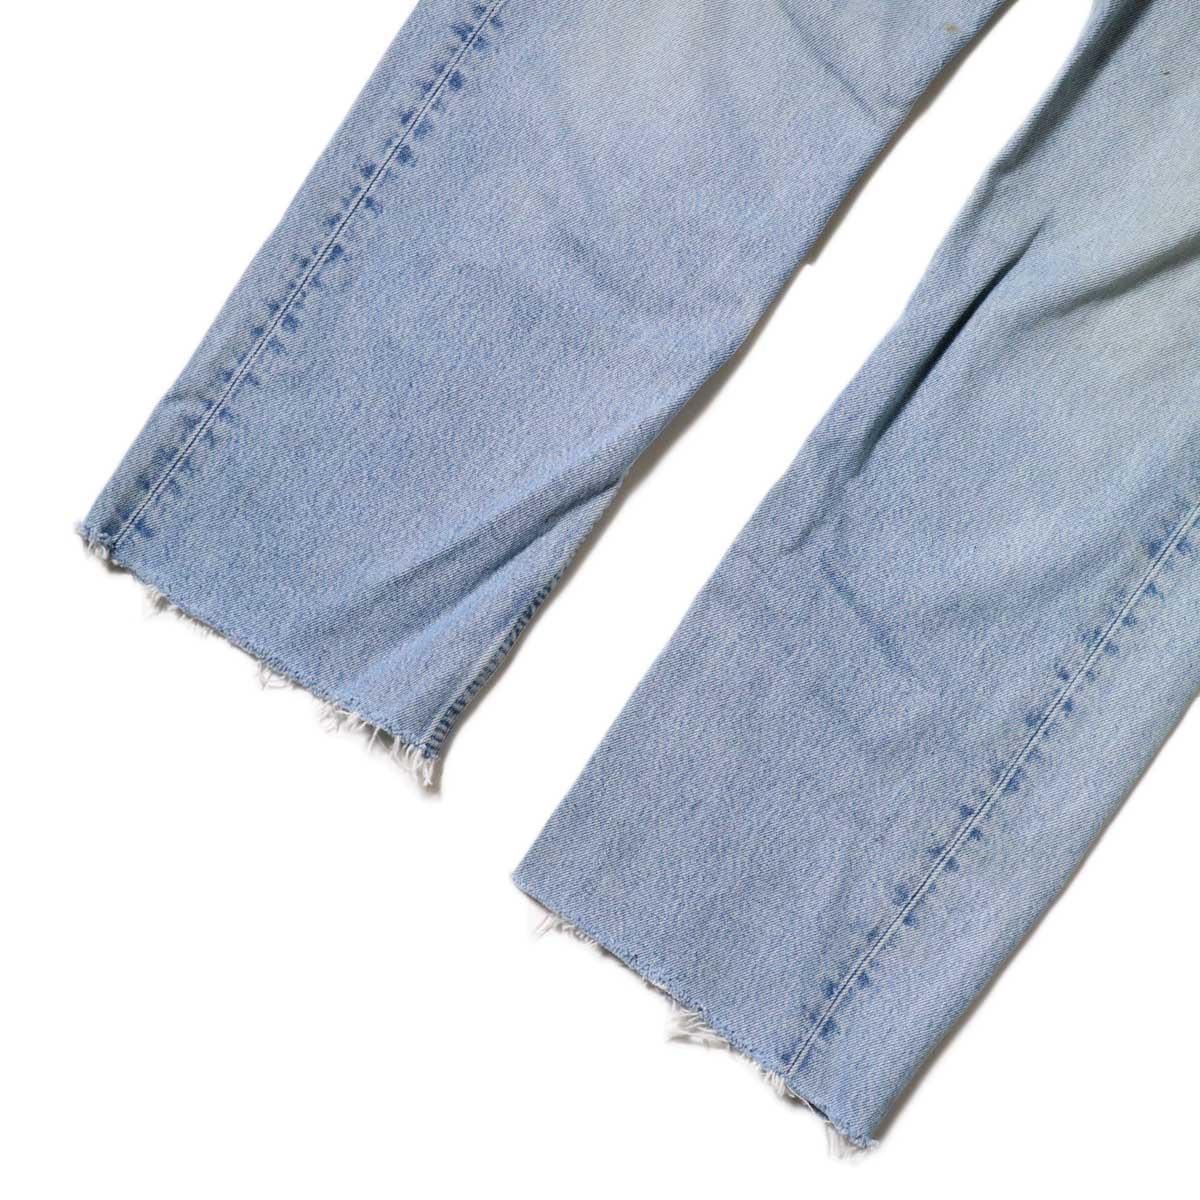 BONUM / BELTED 5P DENIM (30inch) -C 裾